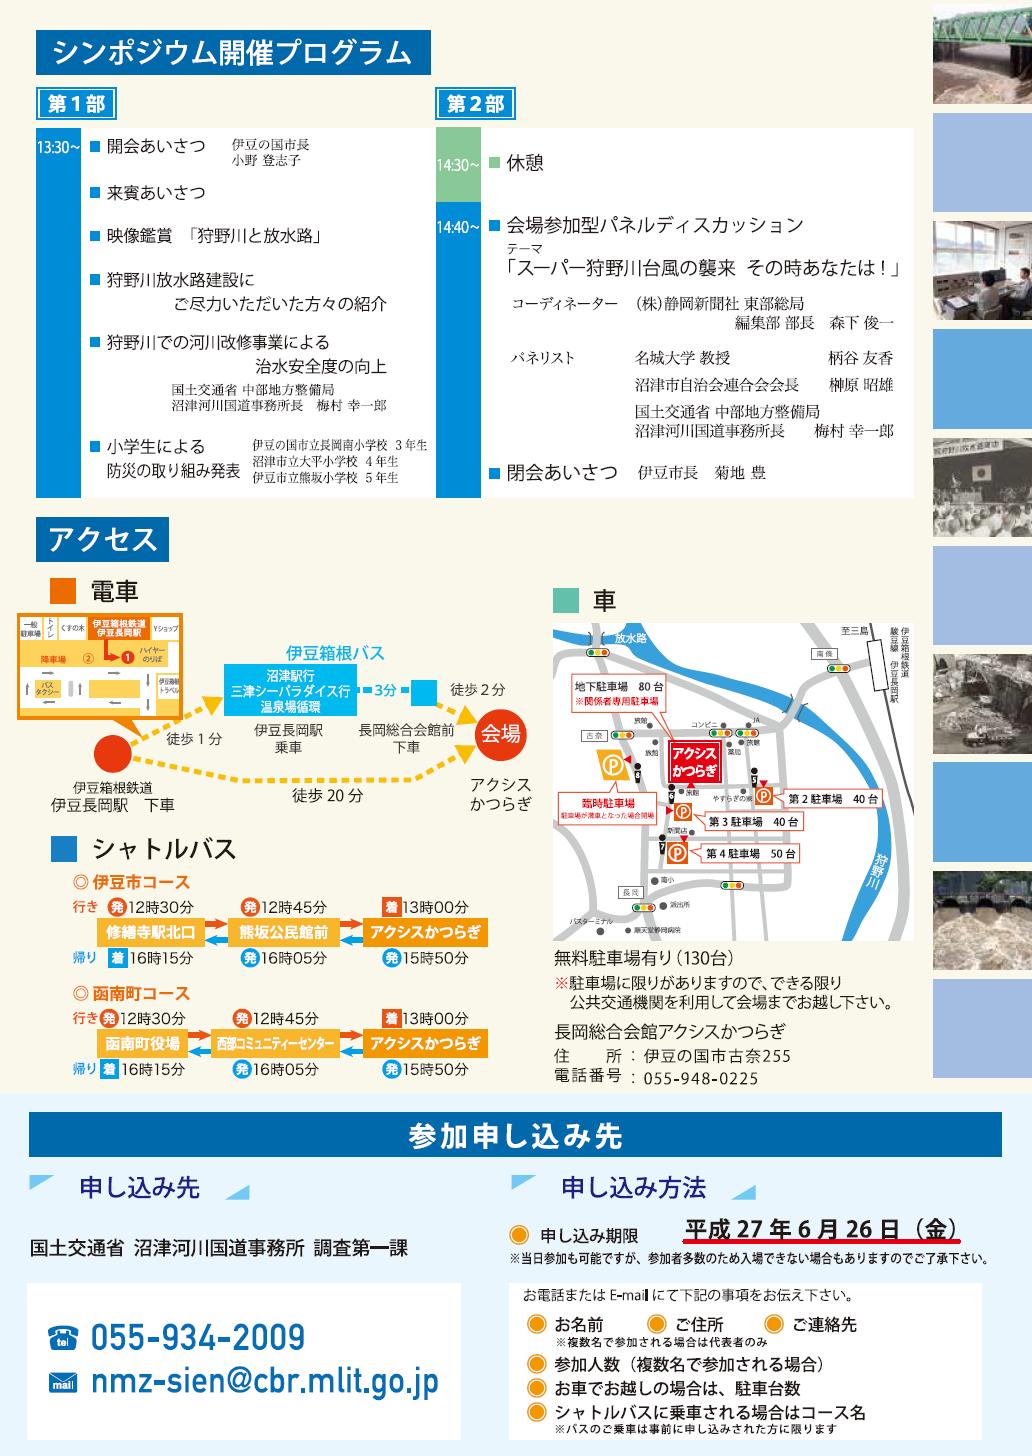 狩野川放水路完成50周年シンポジウム詳細